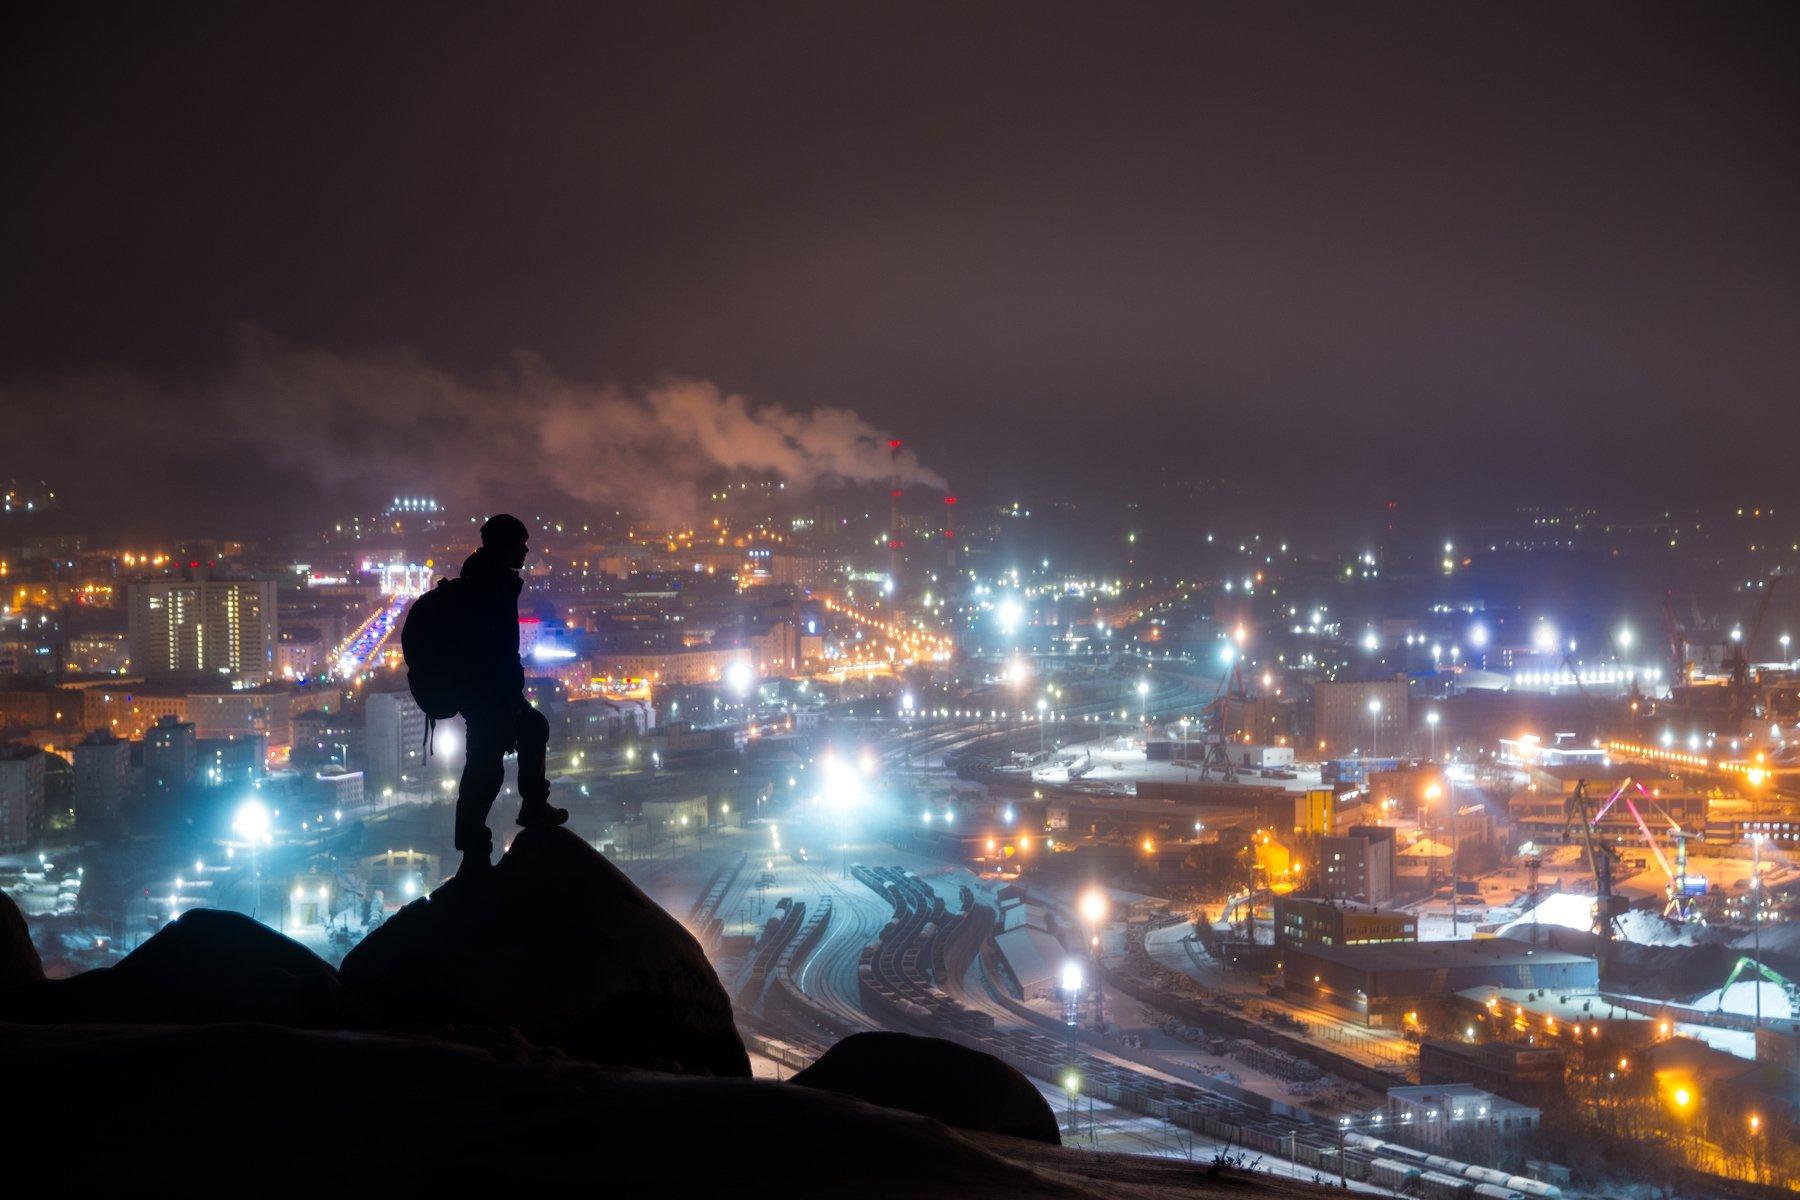 ночь туман россия мурманск порт город, Евгений Озеров